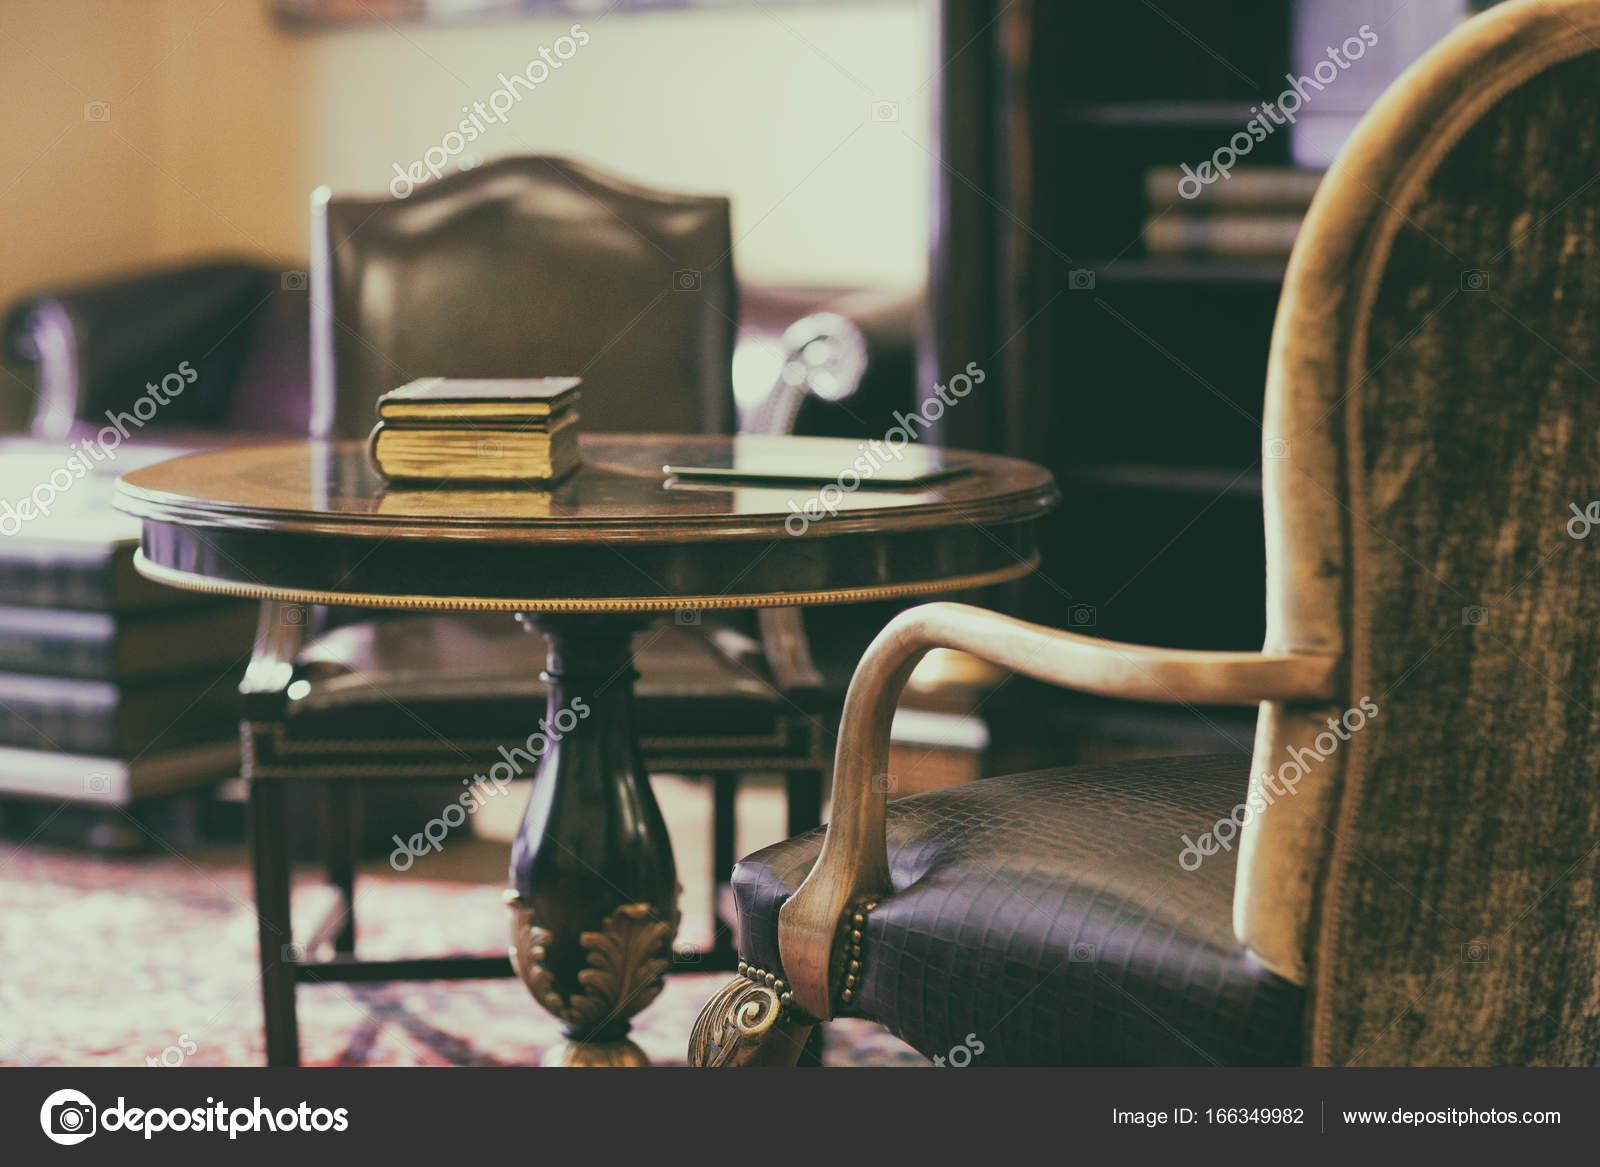 Sedie A Dondolo Depoca : Sedia a dondolo sul tappeto u foto stock victor dva